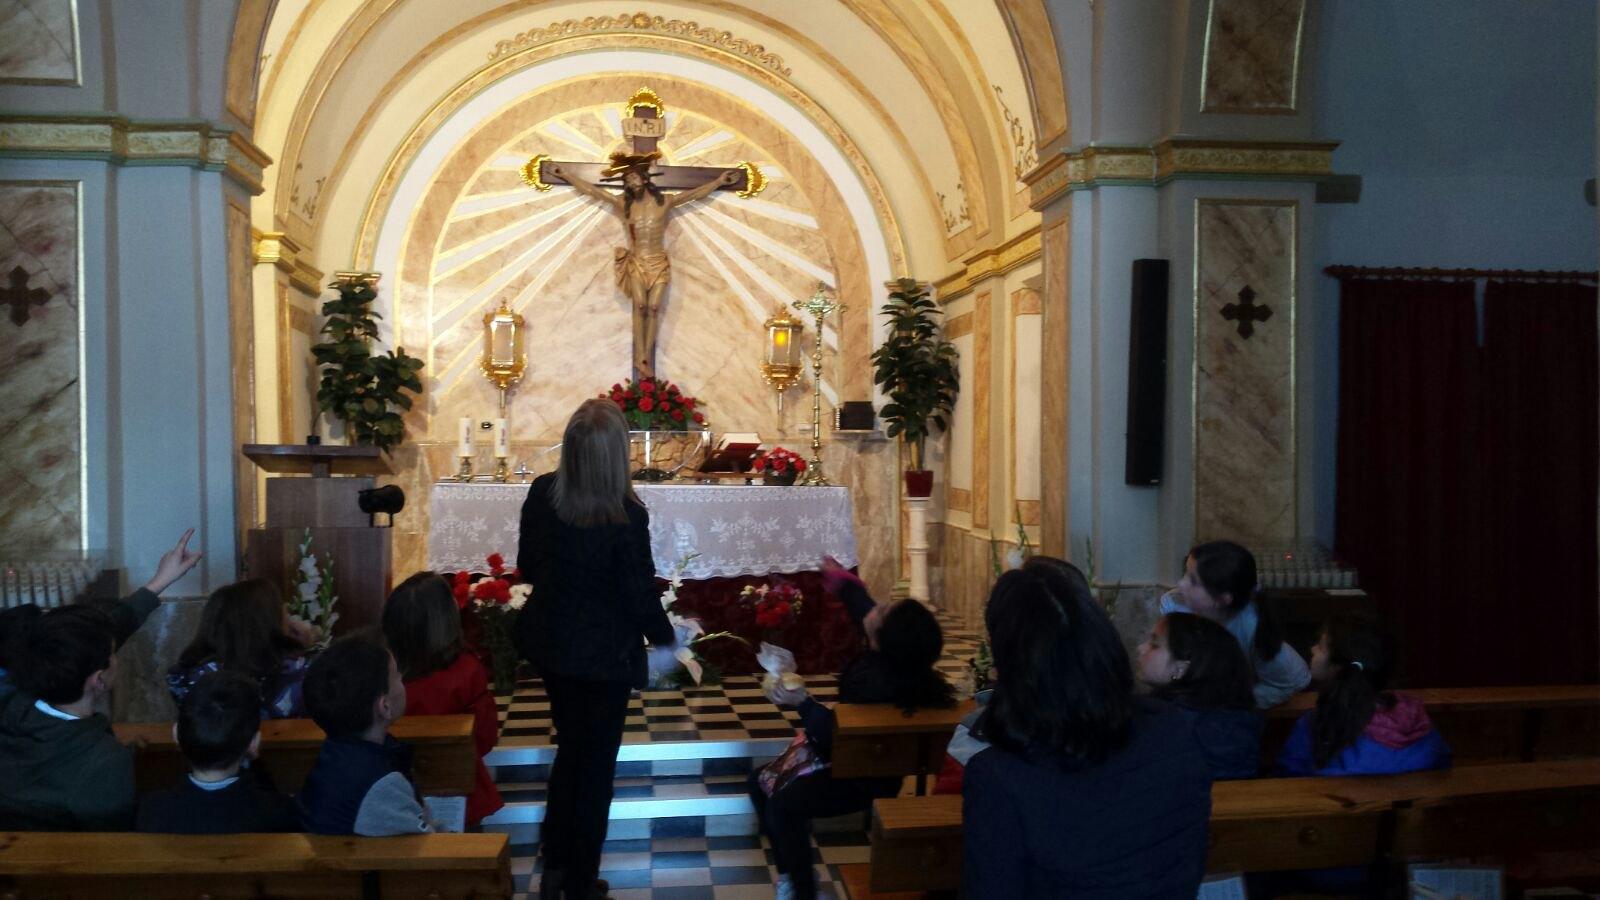 (2018-03-16) - Visita ermita alumnos Laura,3ºB, profesora religión Reina Sofia - Marzo -  María Isabel Berenguer Brotons (13)